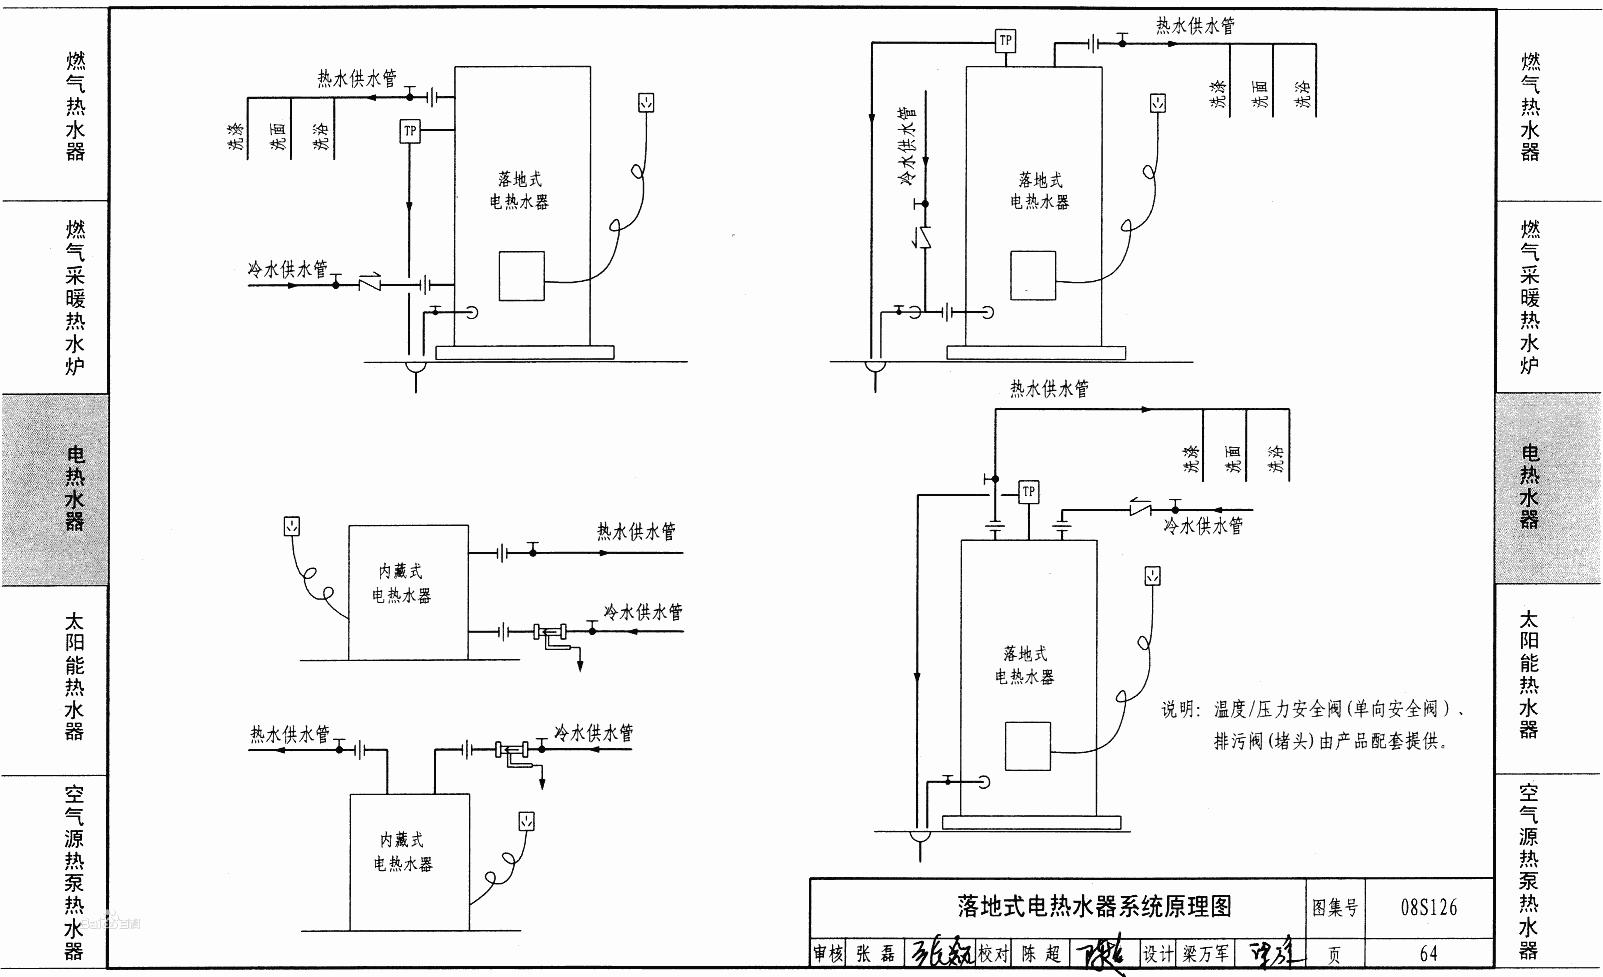 热水器接法示意�_燃气热水器安装示意图